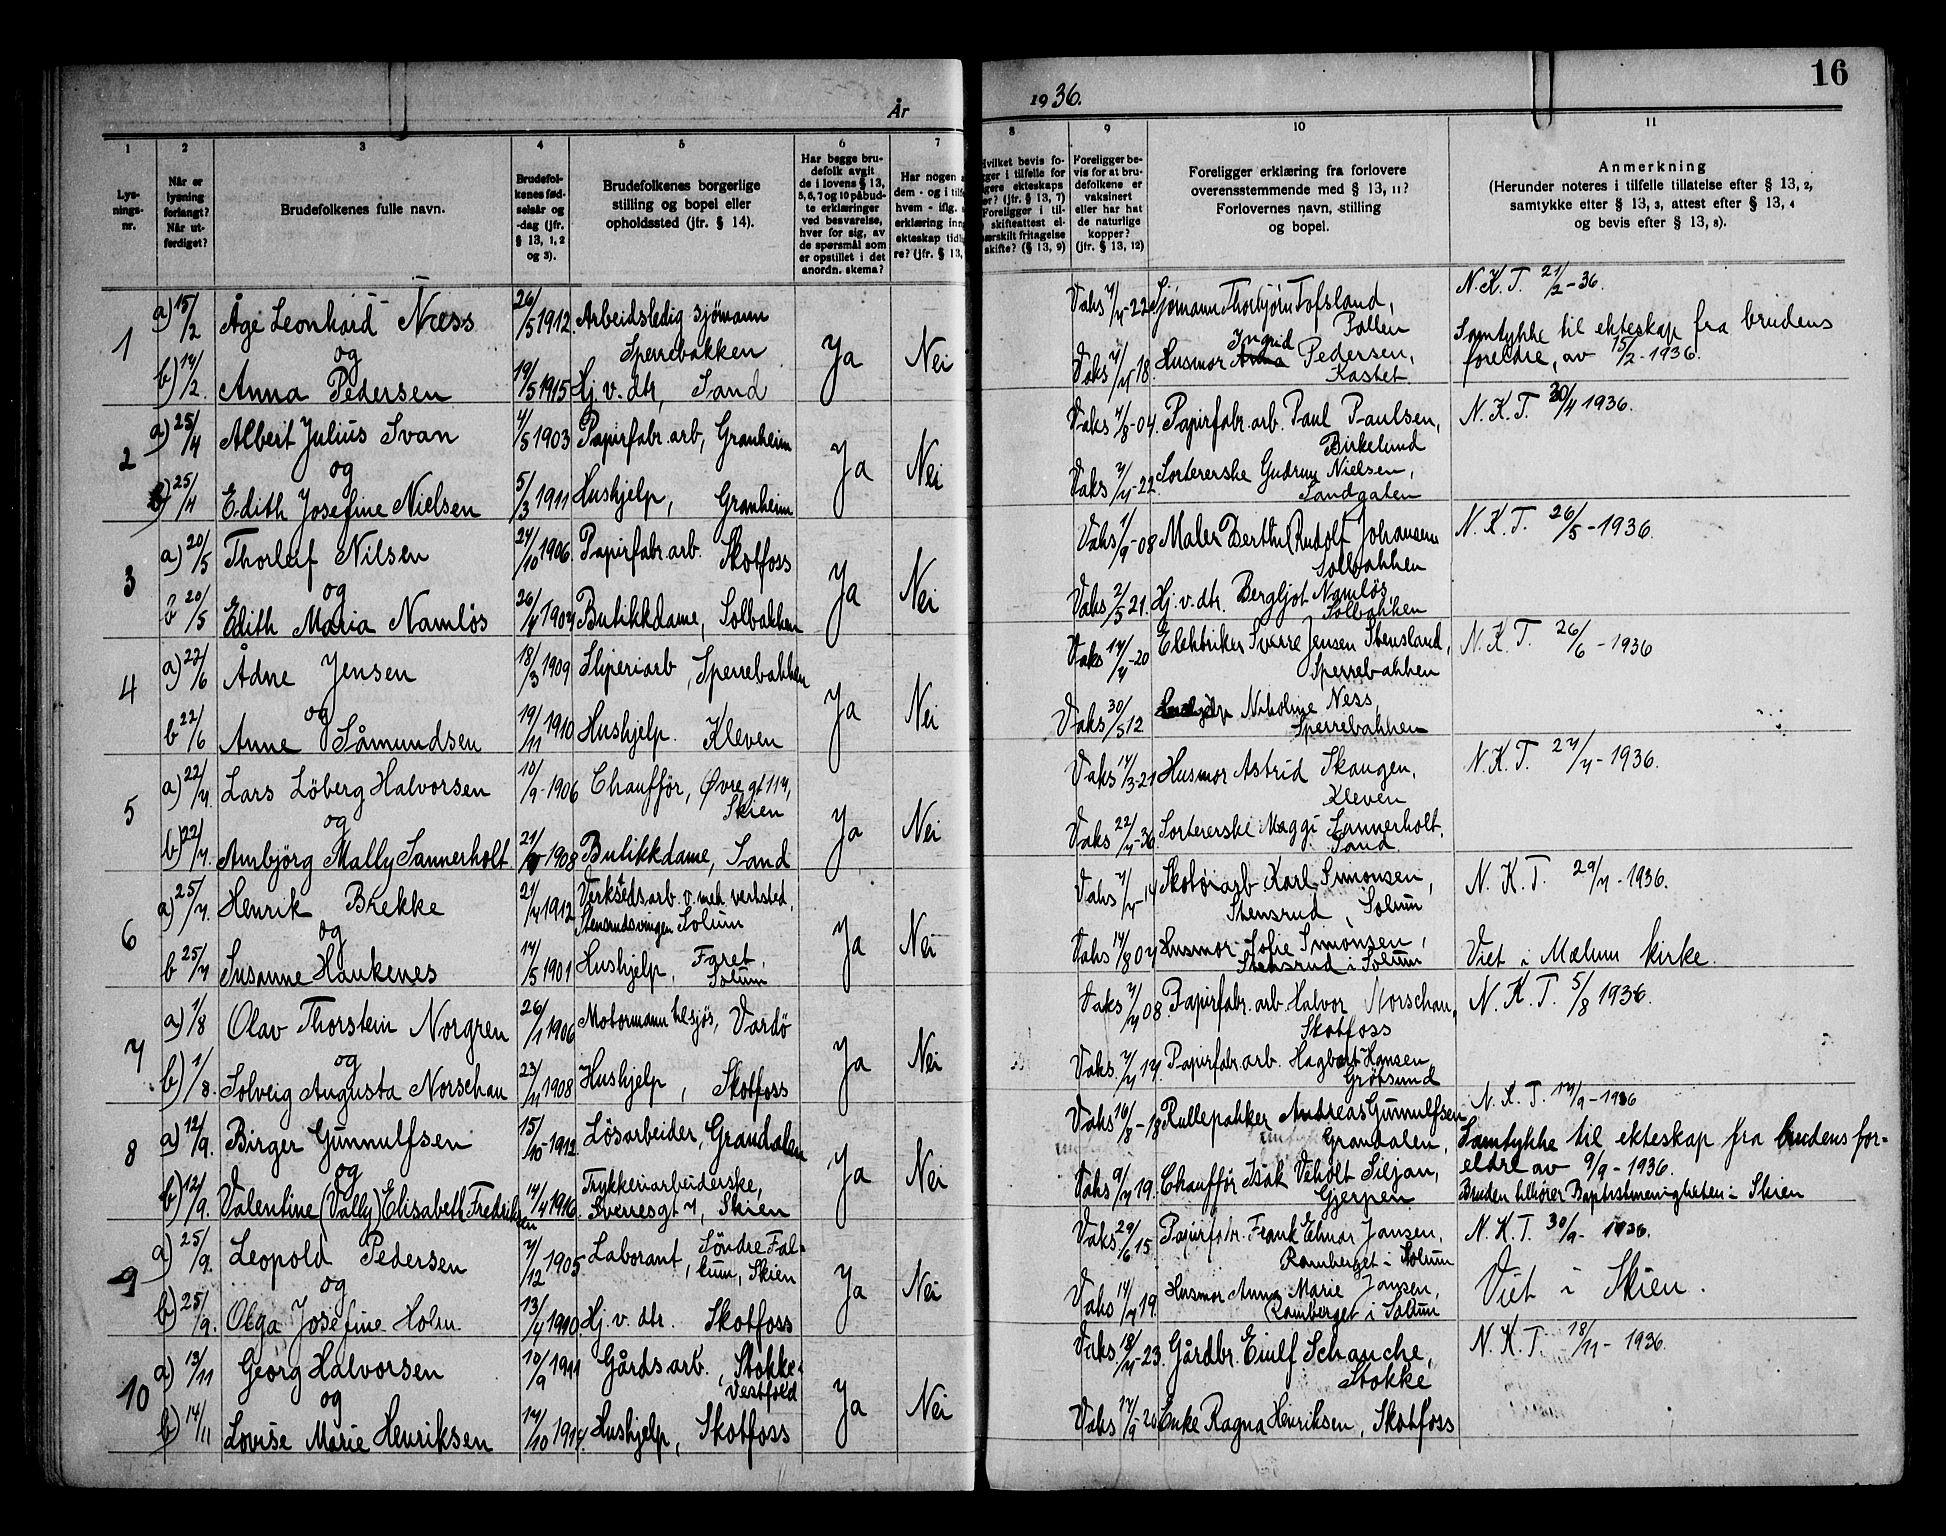 SAKO, Solum kirkebøker, H/Hb/L0001: Lysningsprotokoll nr. II 1, 1929-1963, s. 16